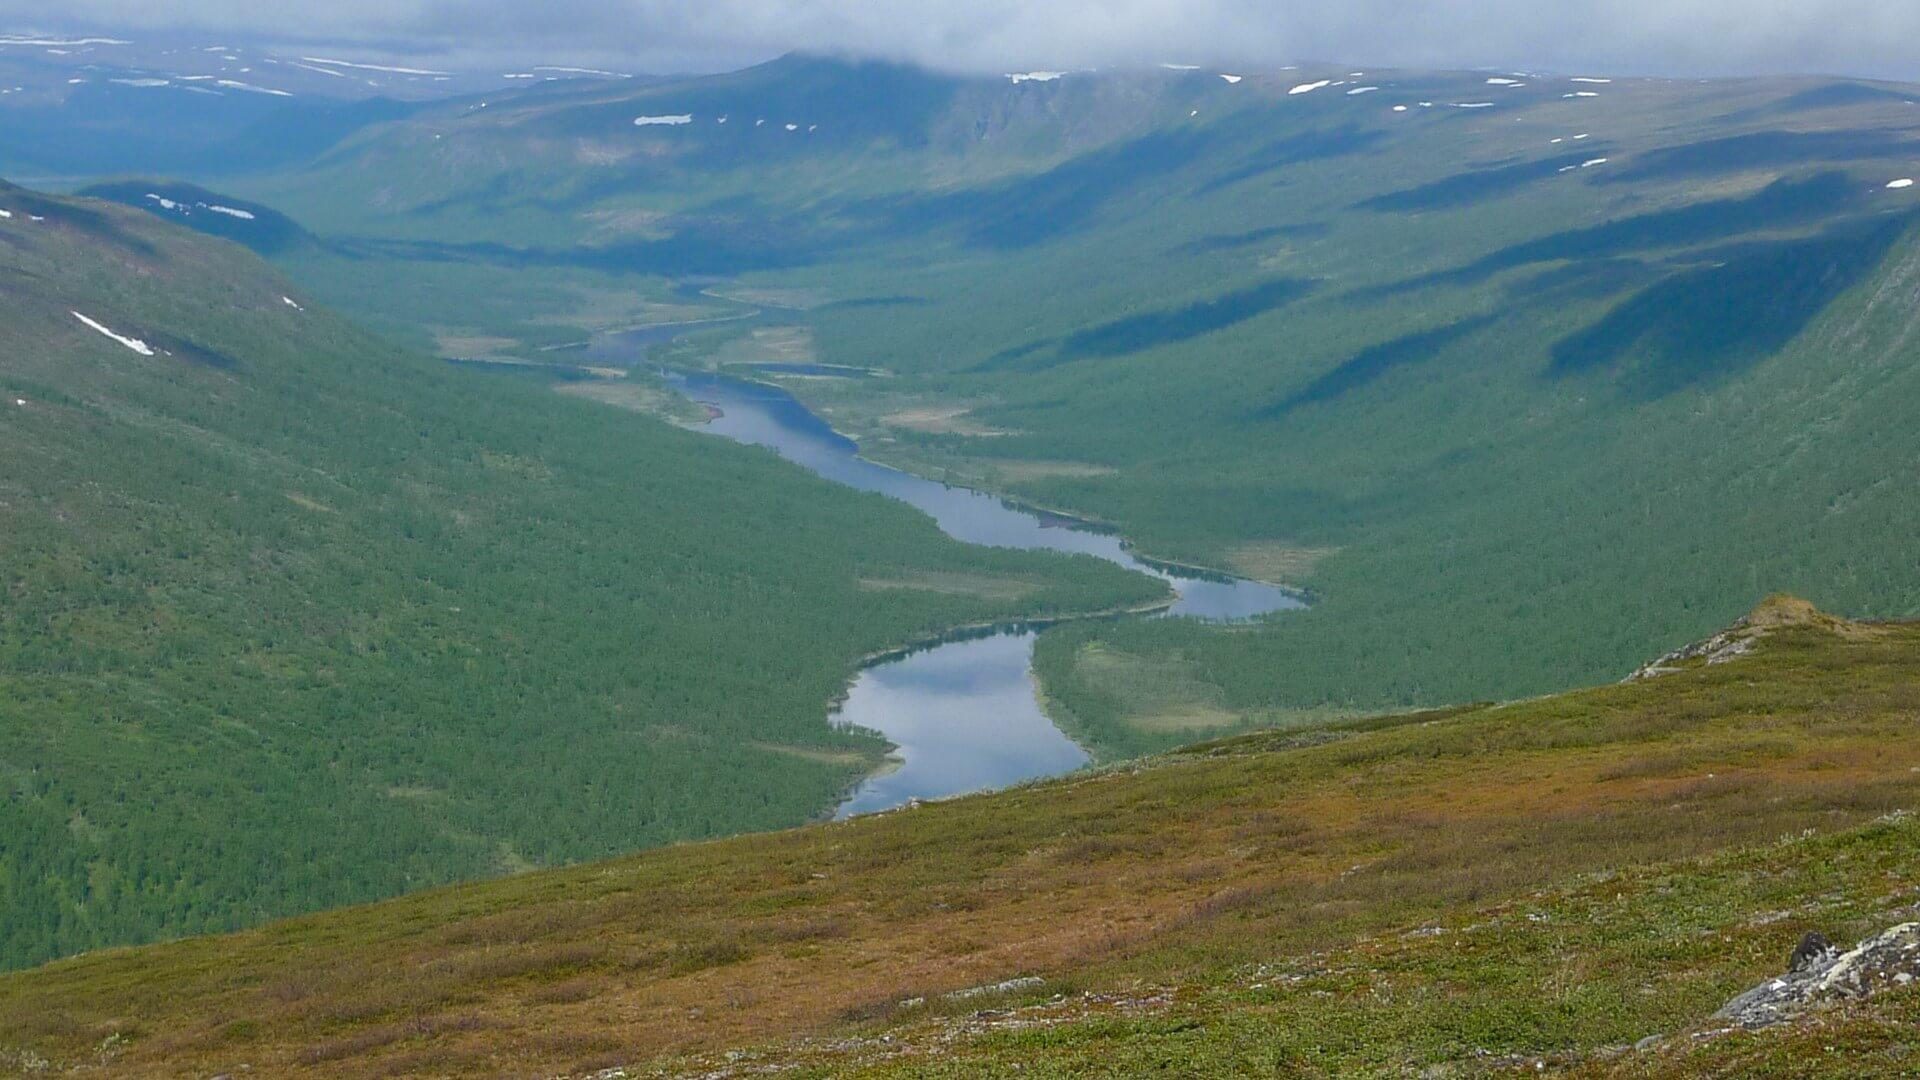 En älvdal syns från ovan. Moln skapar skuggor på vissa ställen i dalen.